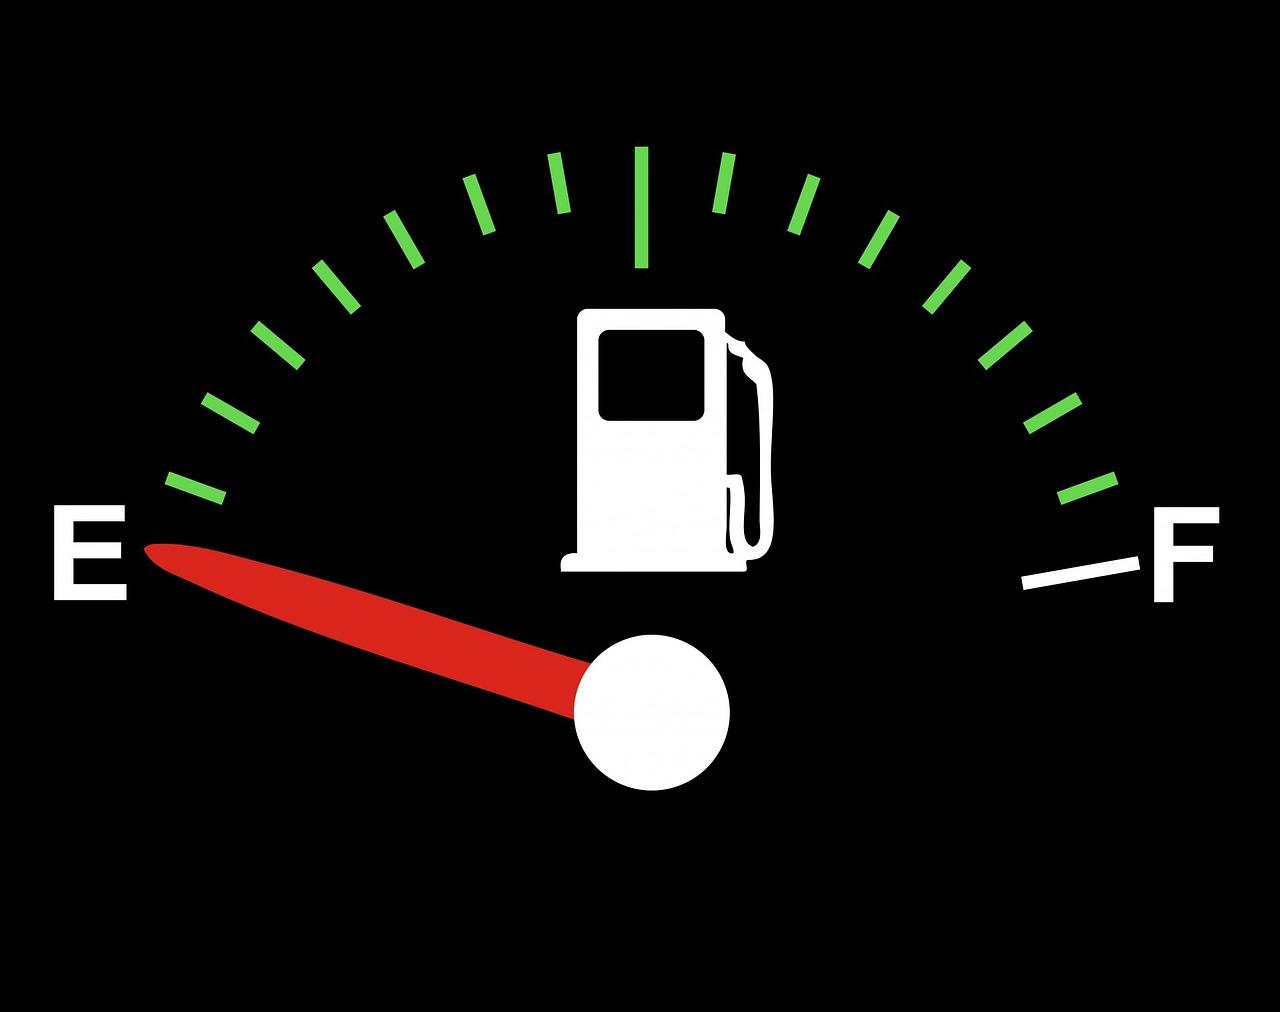 ガソリンを入れる際に何リットルを入れると効率的なのか?満タンが良いのか?